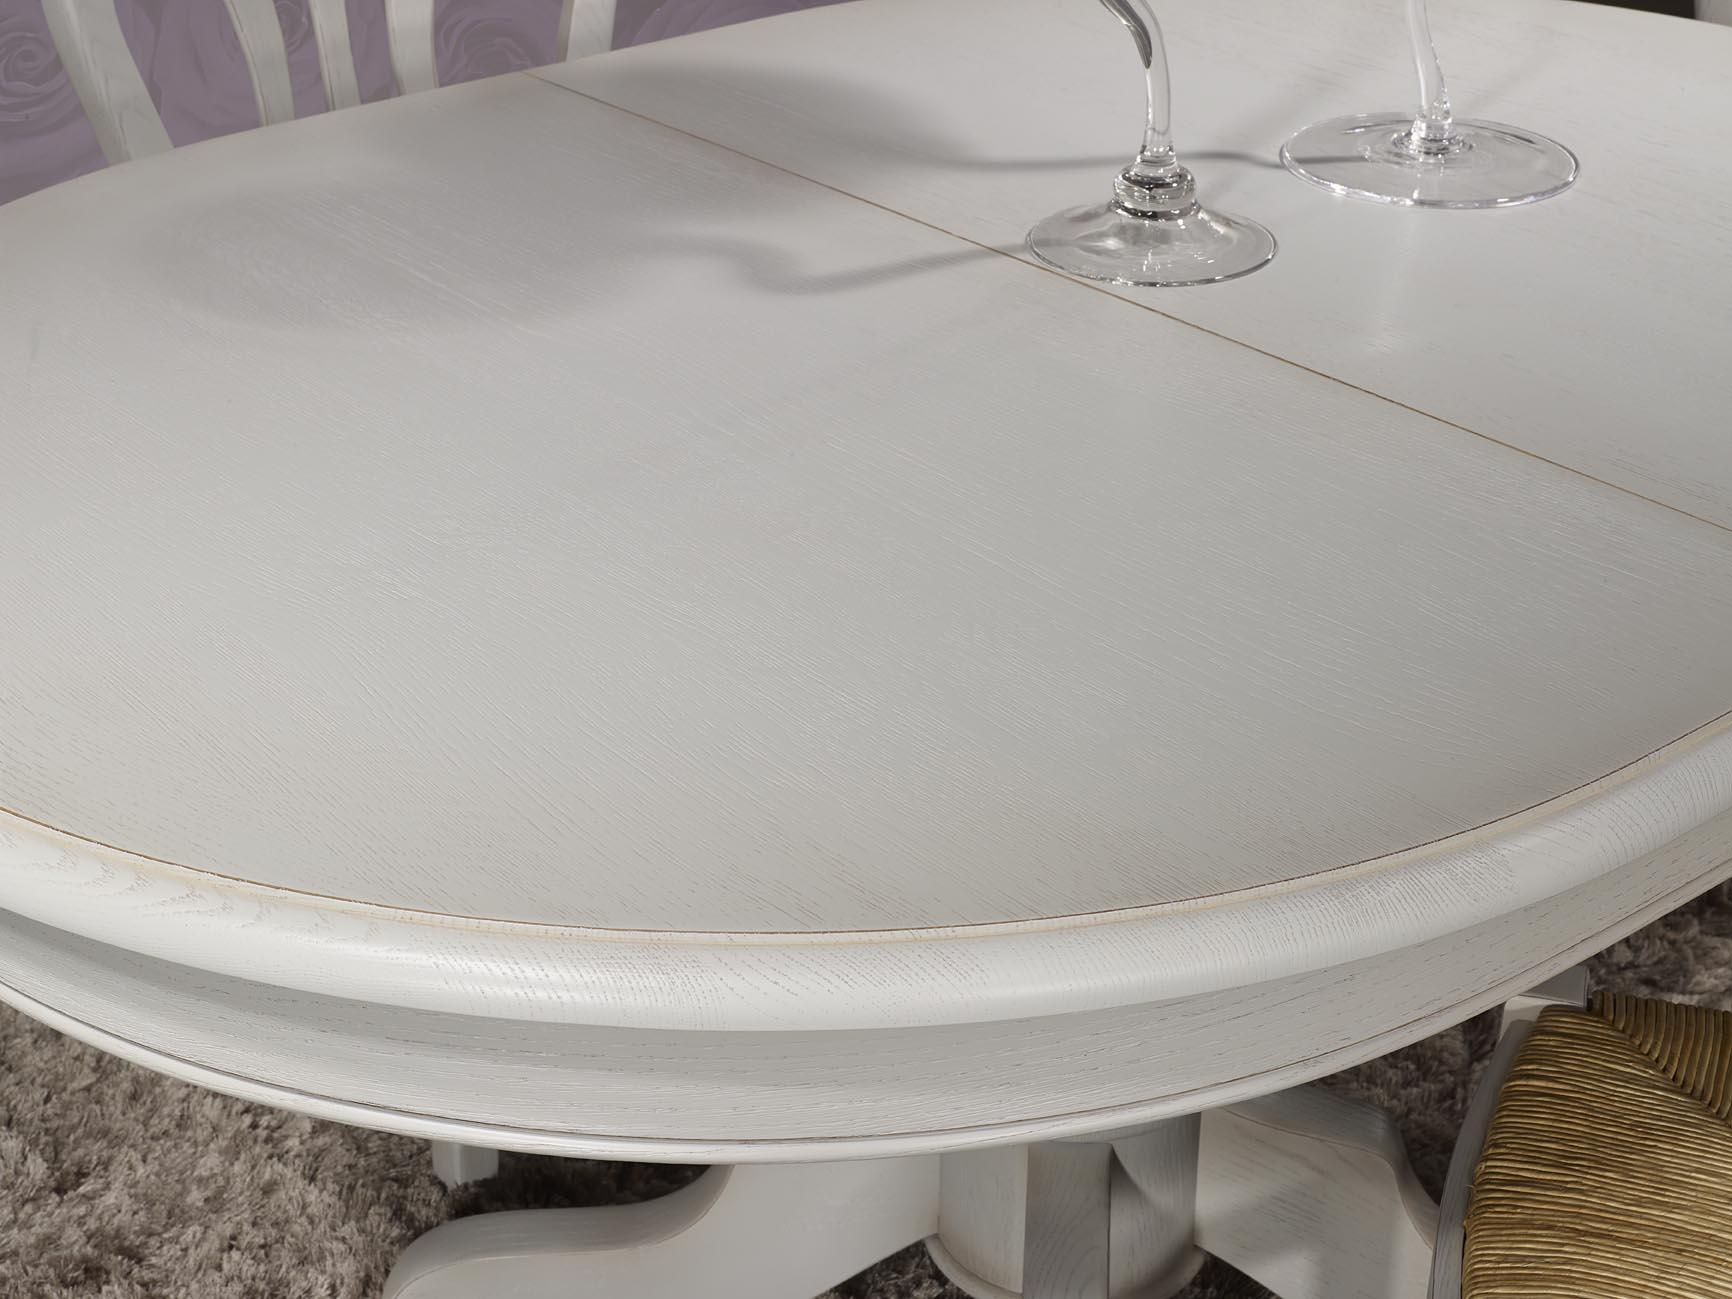 Table ovale pied central romain en ch ne massif de style - Table ovale pied central design ...